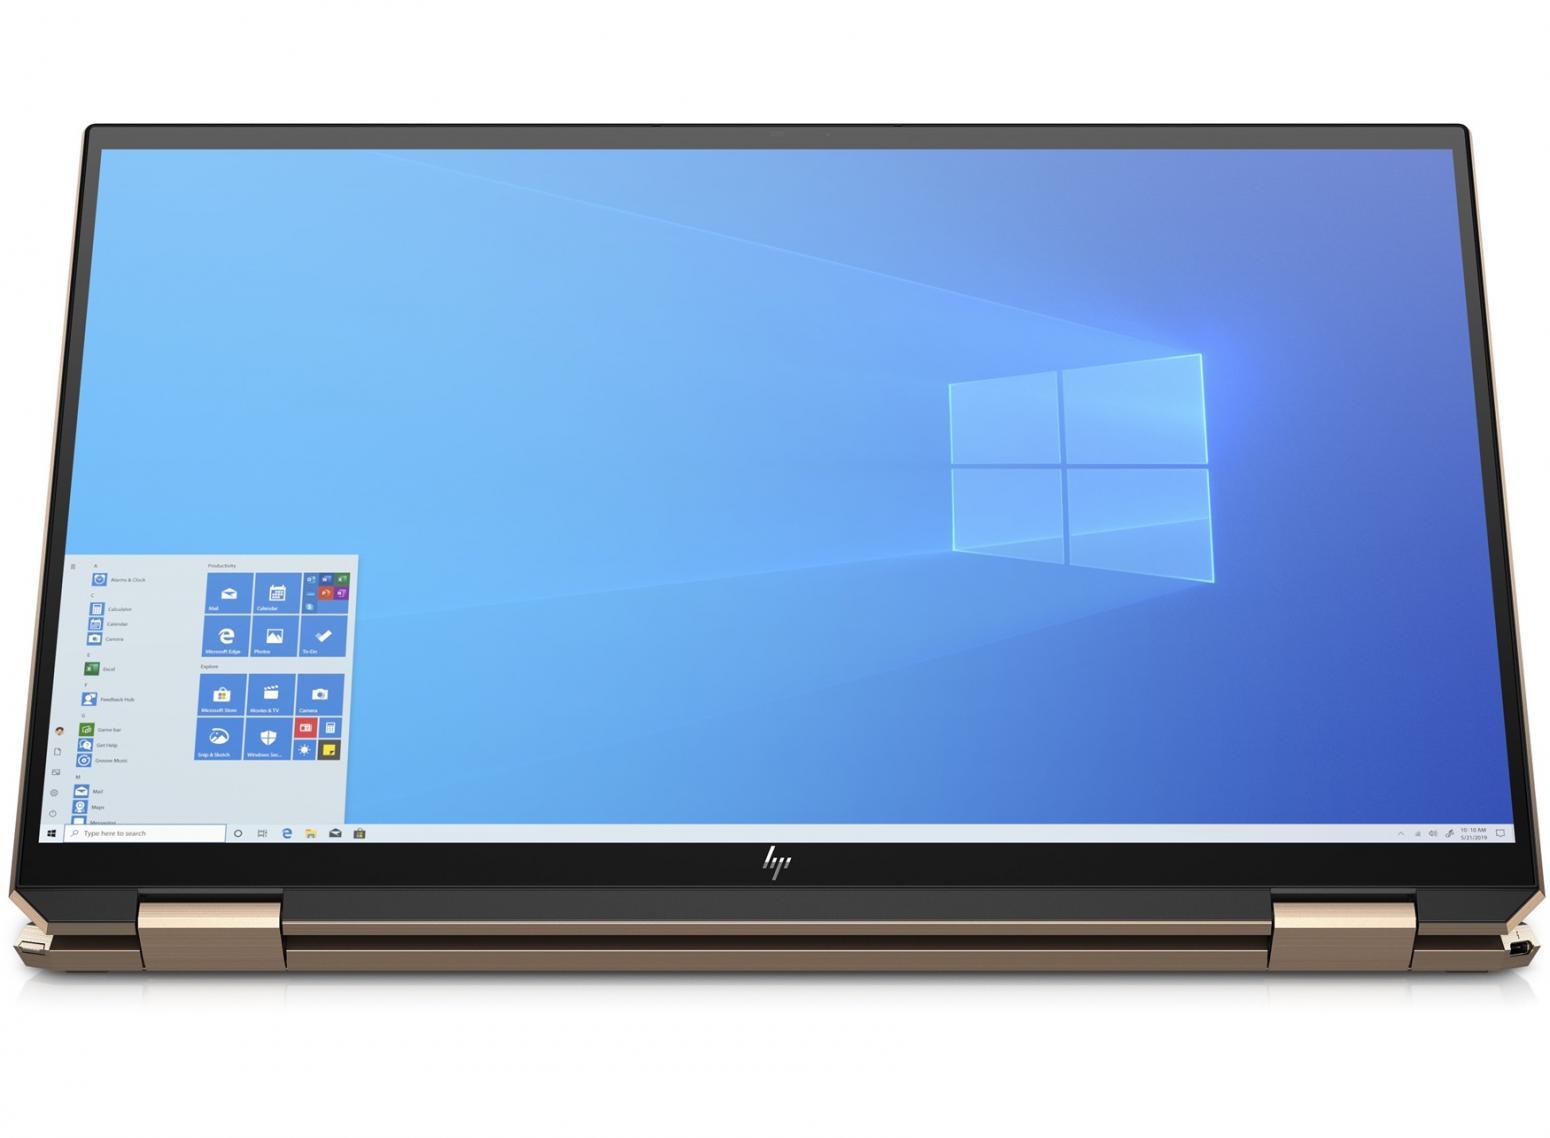 Ordinateur portable HP Spectre x360 15-eb1000nf Noir - 4K Tactile - photo 2